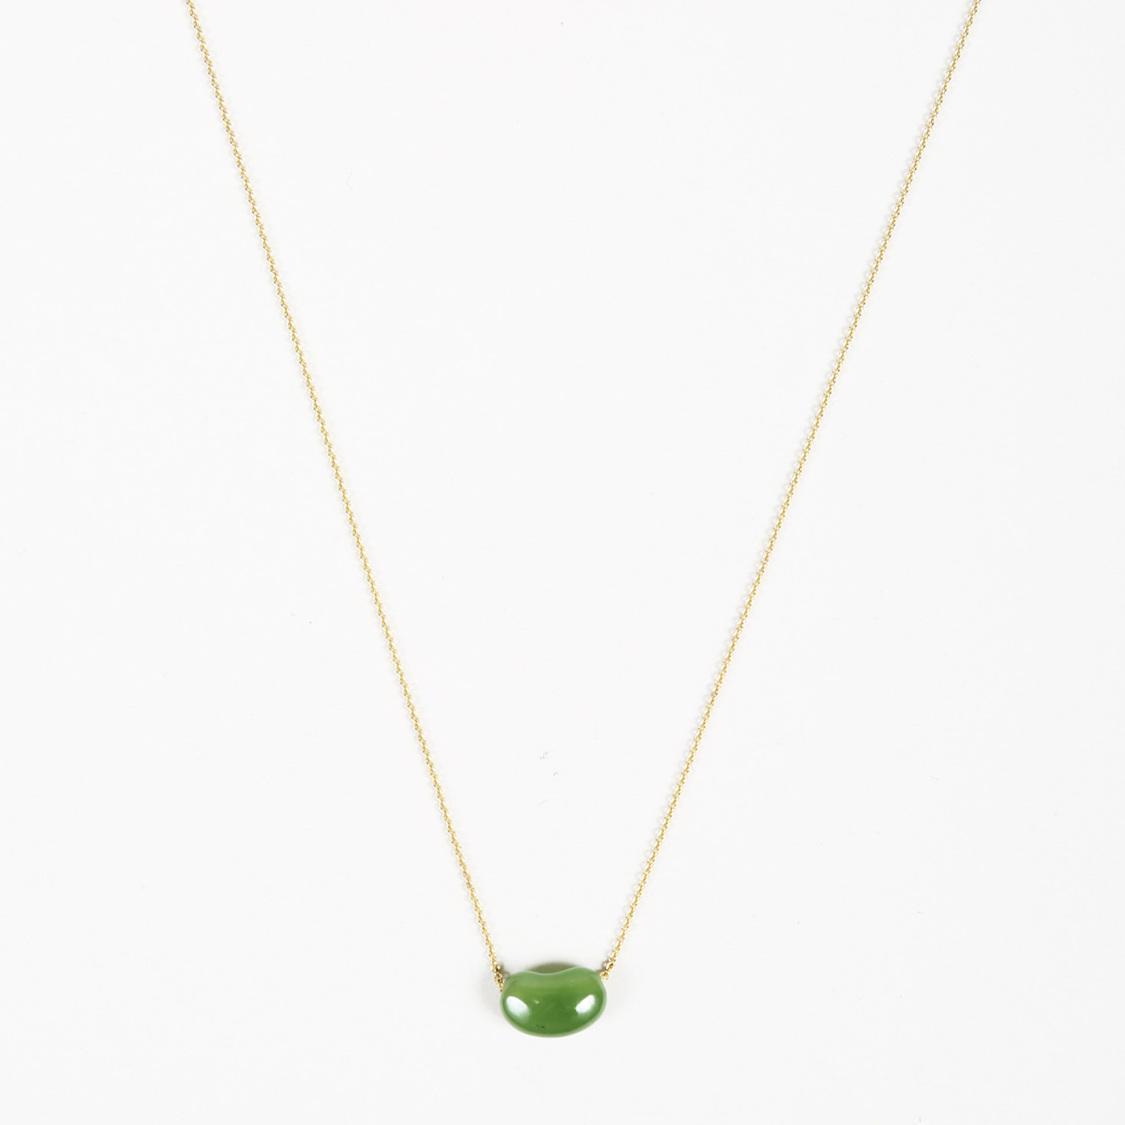 f61c82921 Tiffany & Co. Elsa Peretti 18k Yellow Gold Jade